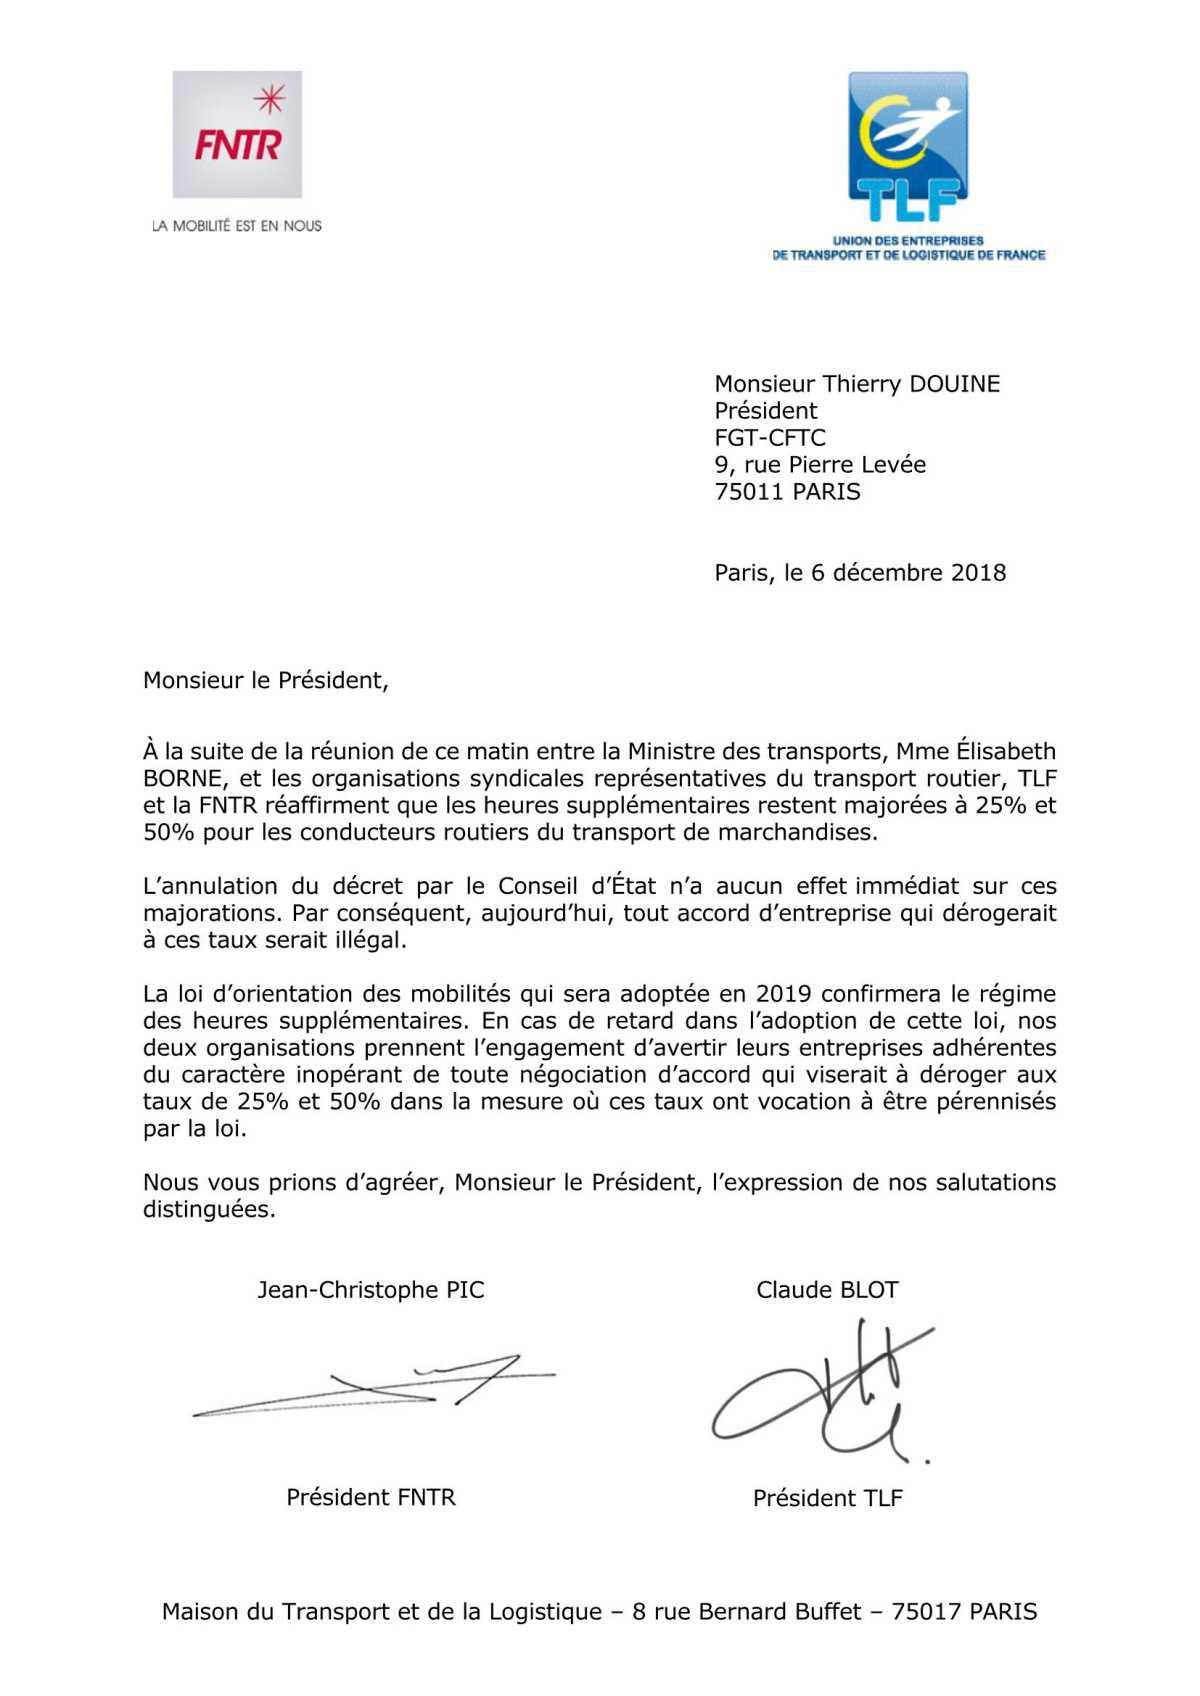 @TLF et @FNTR écrivent à la @CFTCTransports : Ils s'expliquent sur les heures supplémentaires des conducteurs du TRM. Après en avoir demandé en catimini l'annulation…